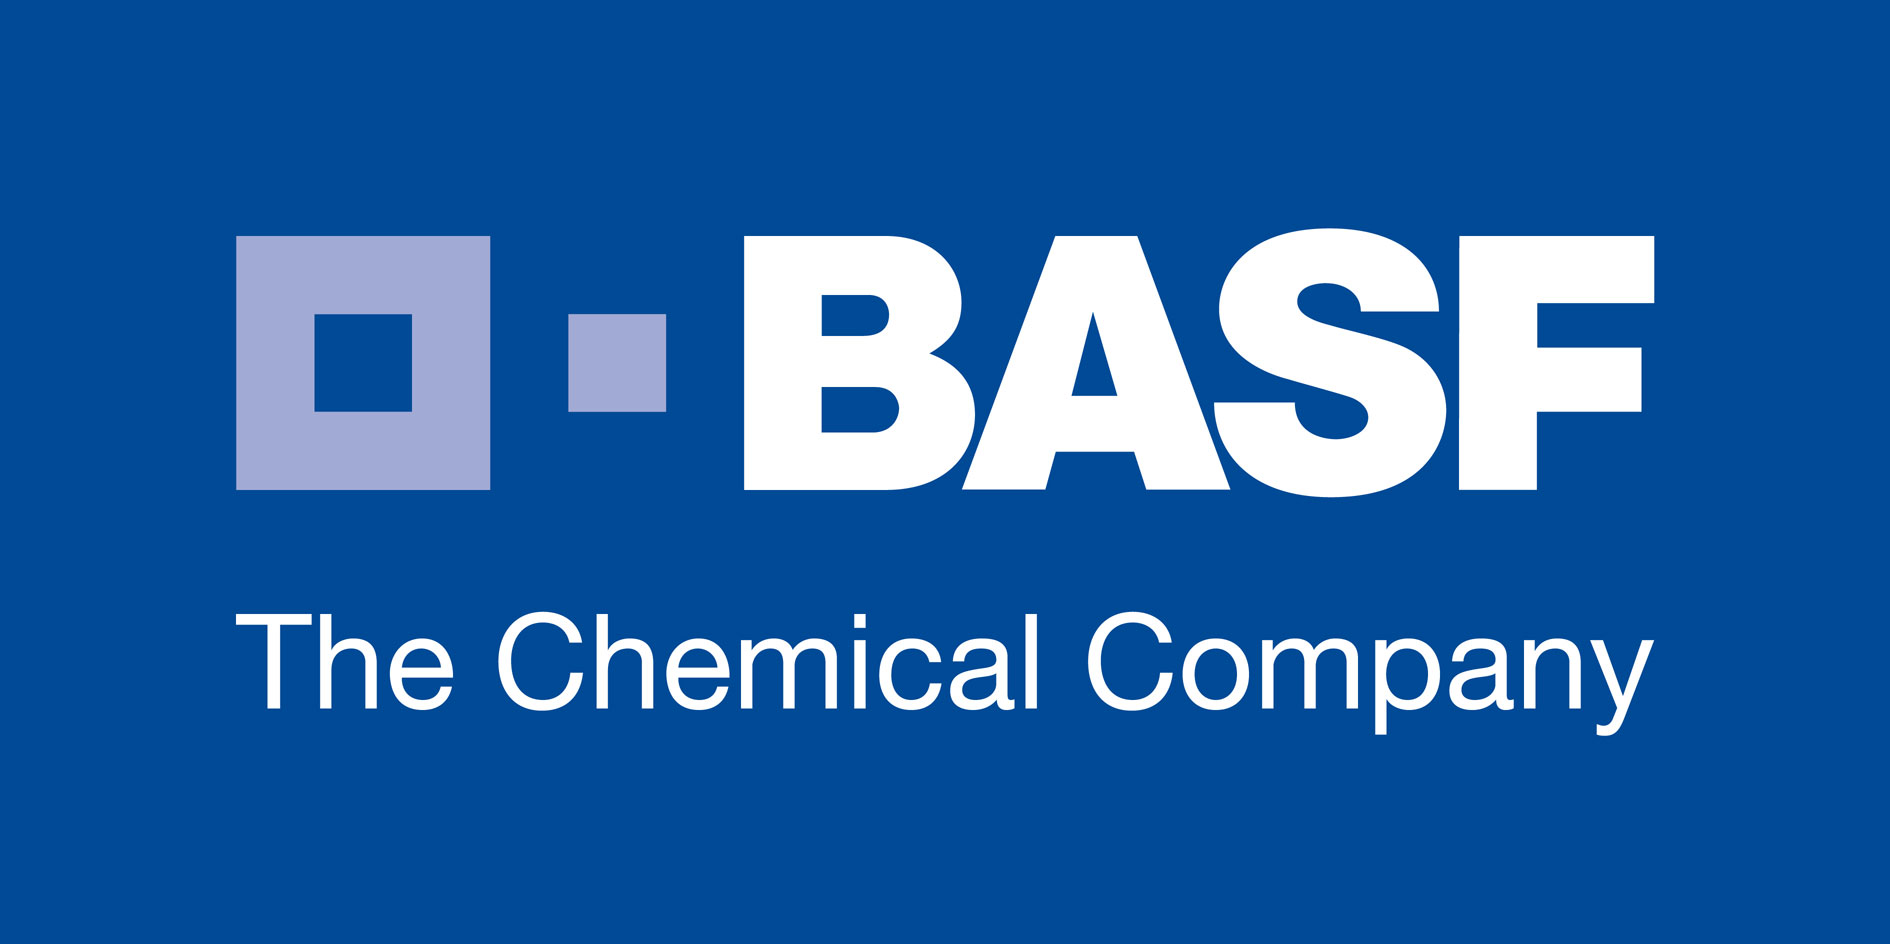 Juriba Customer BASF